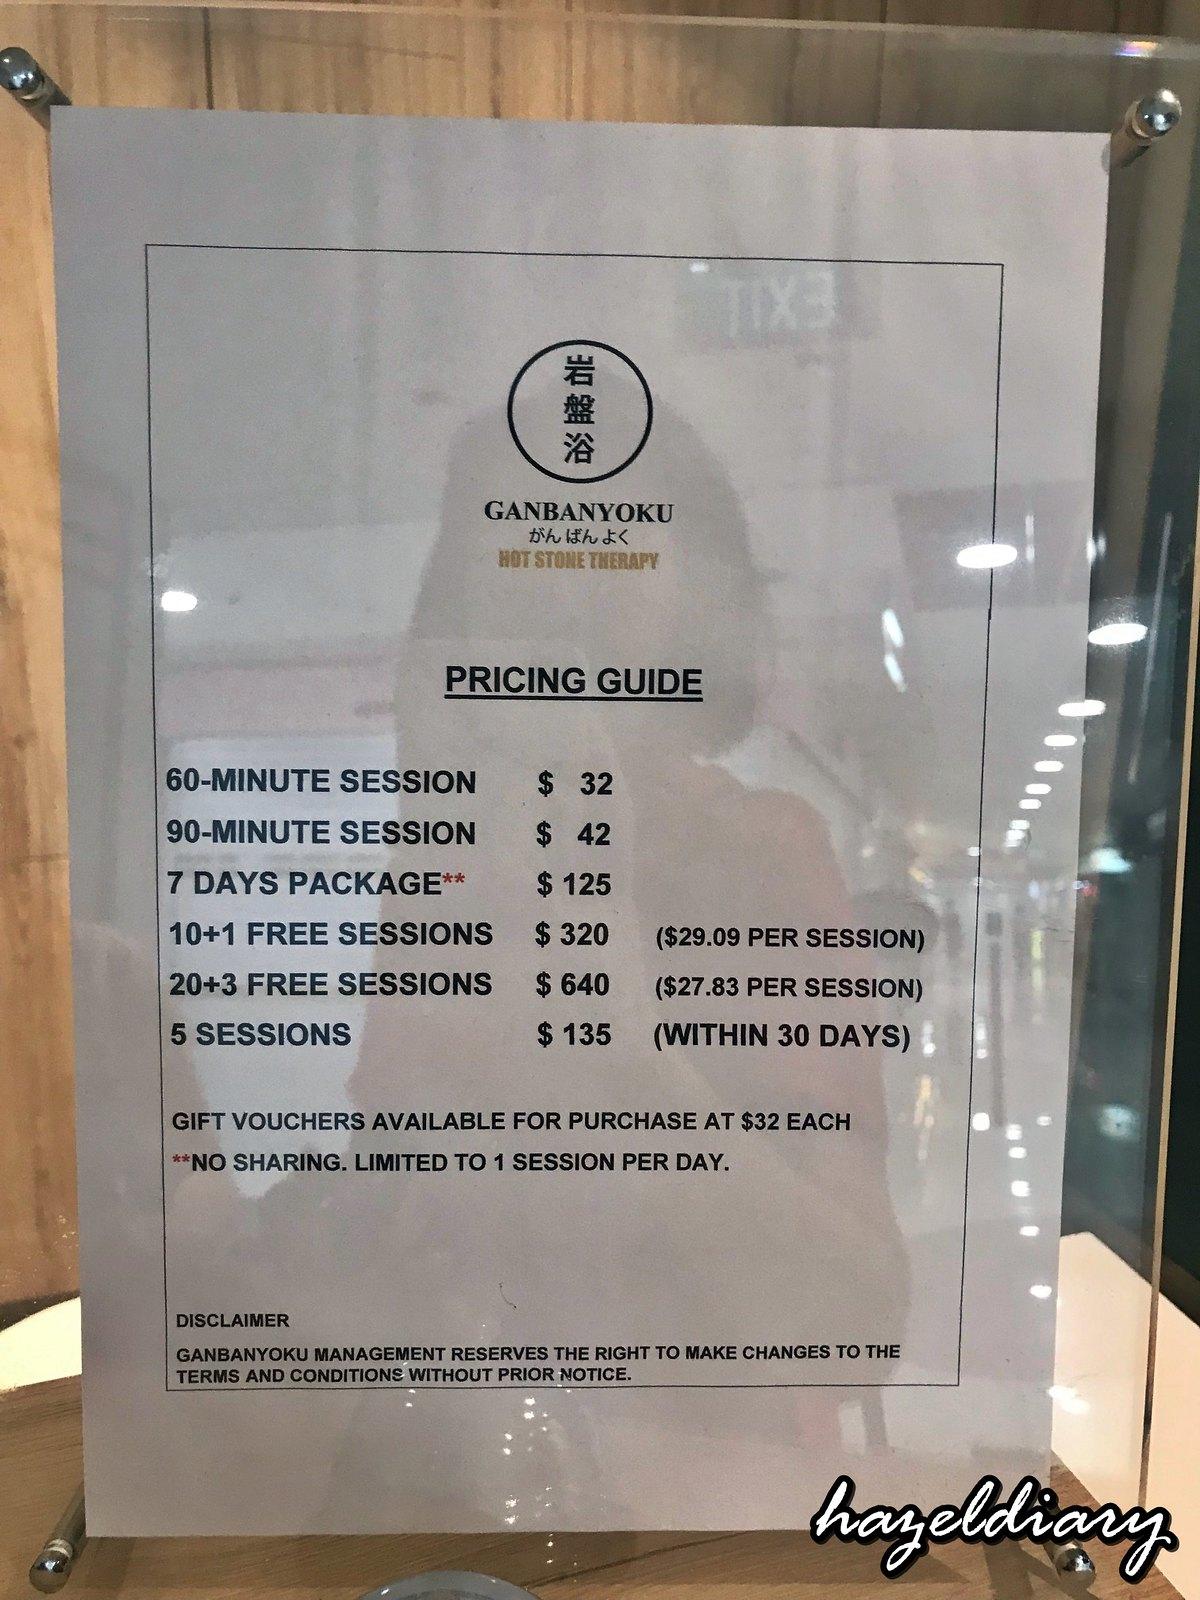 Ganbanyoku Singapore-Pricing